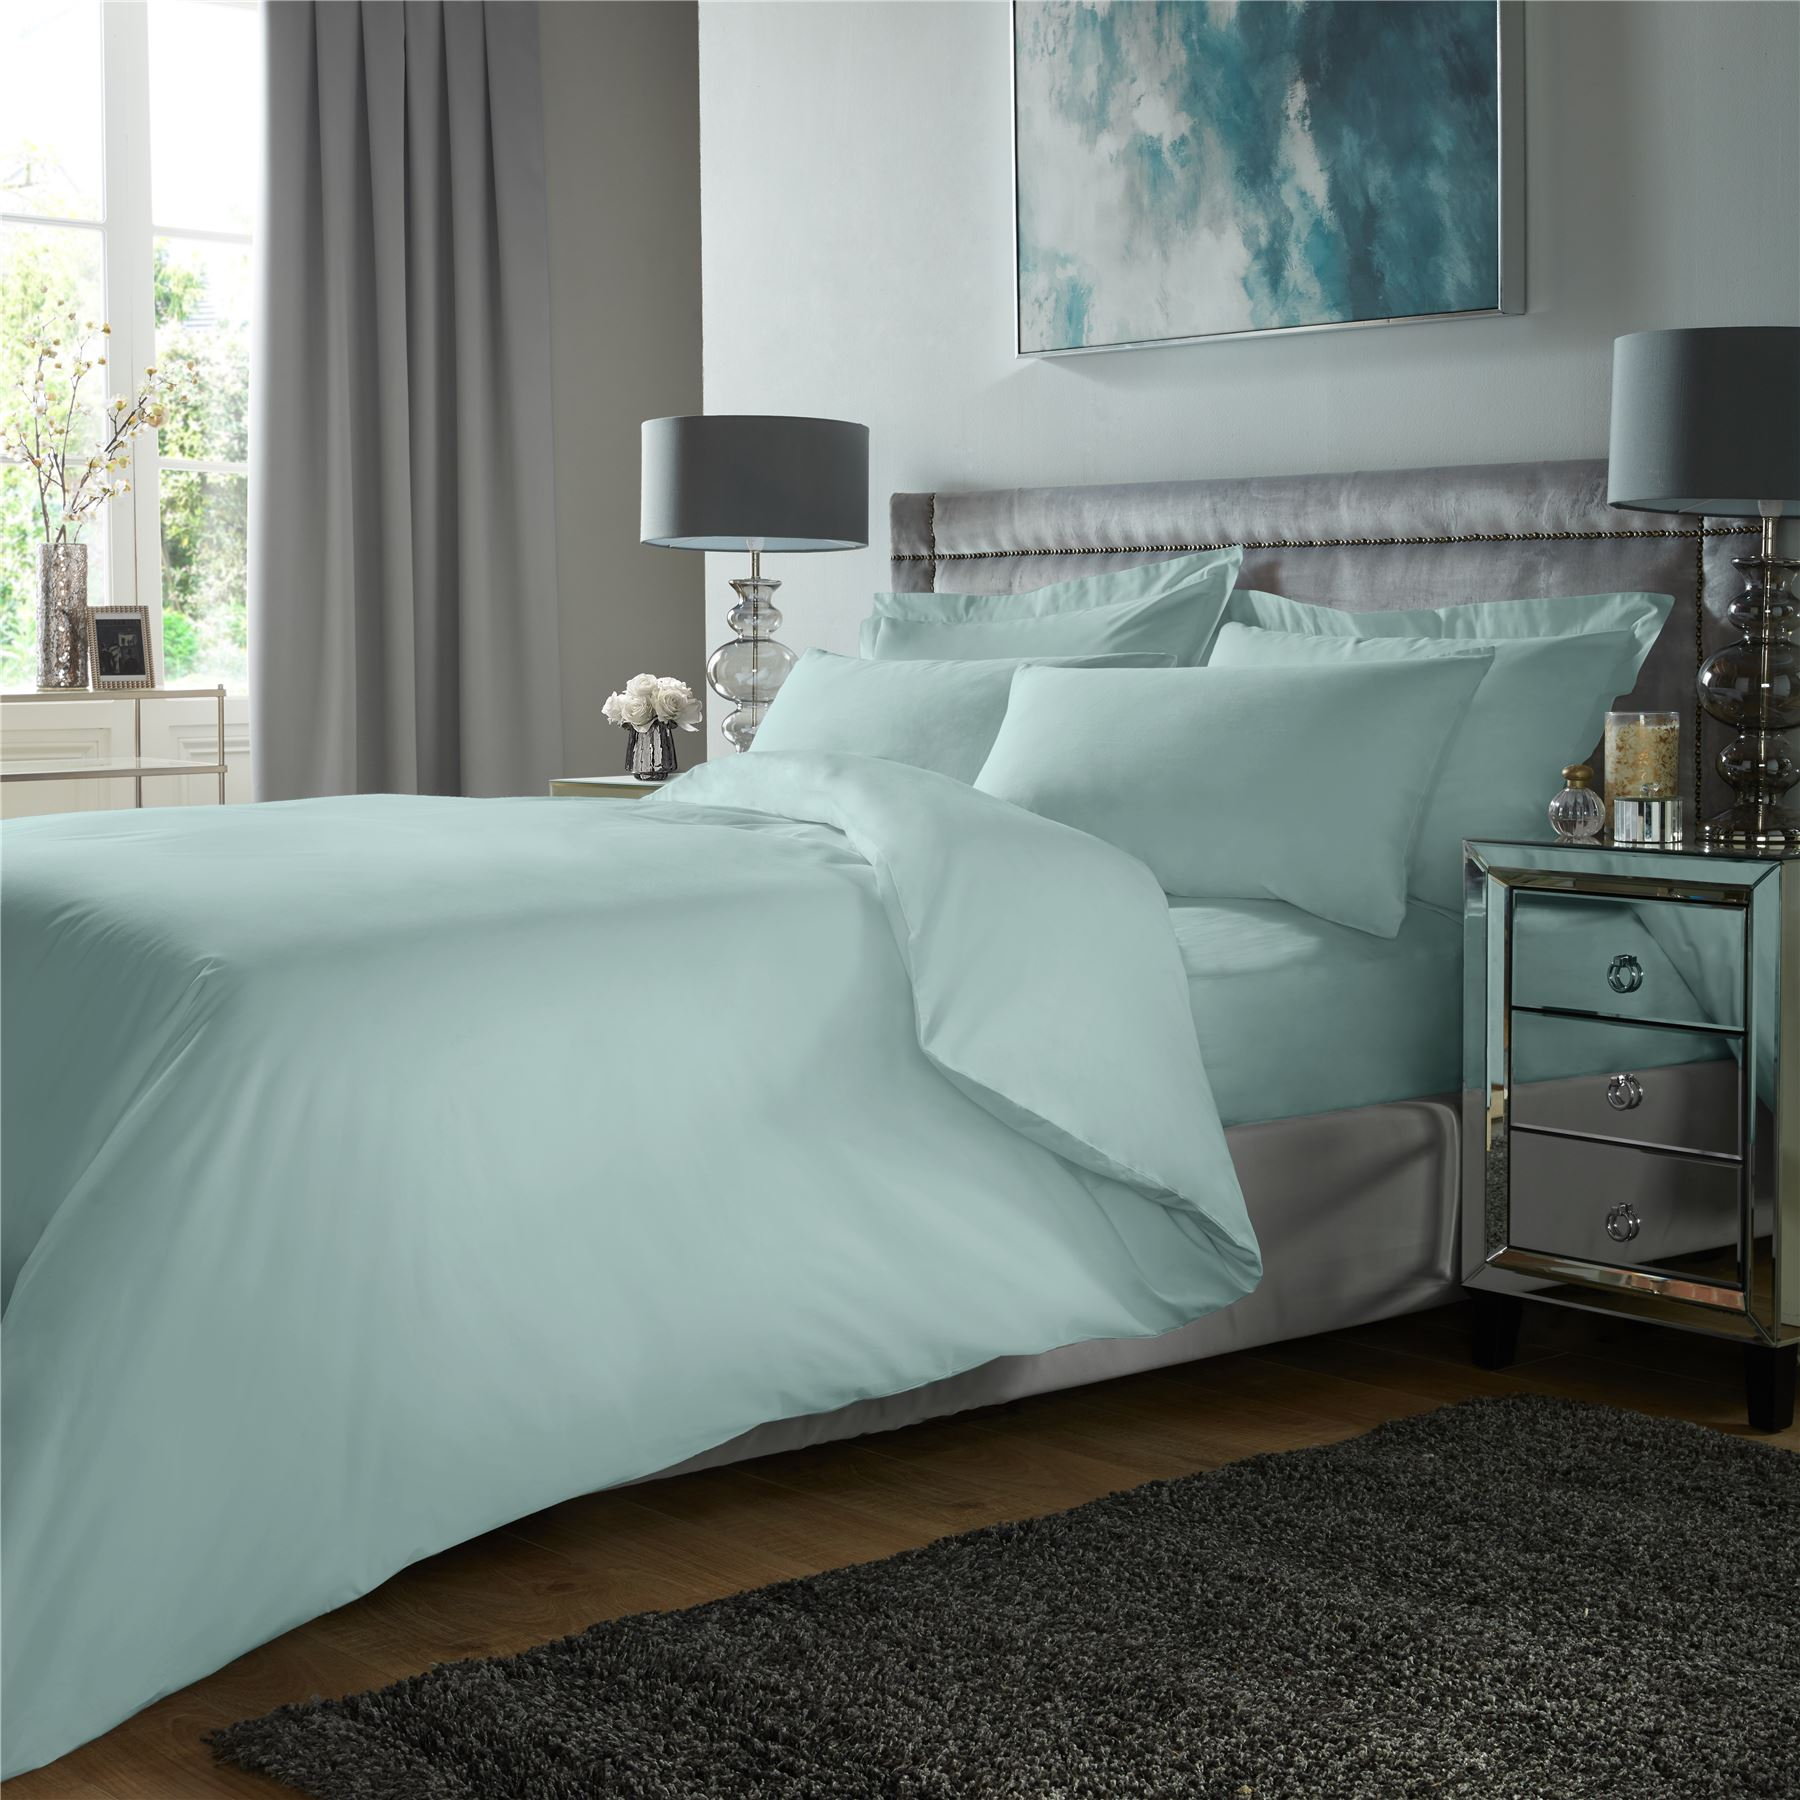 De-Lujo-400TC-conjunto-de-funda-de-edredon-100-Algodon-Egipcio-ropa-de-cama-funda-de-almohada-tenida miniatura 5